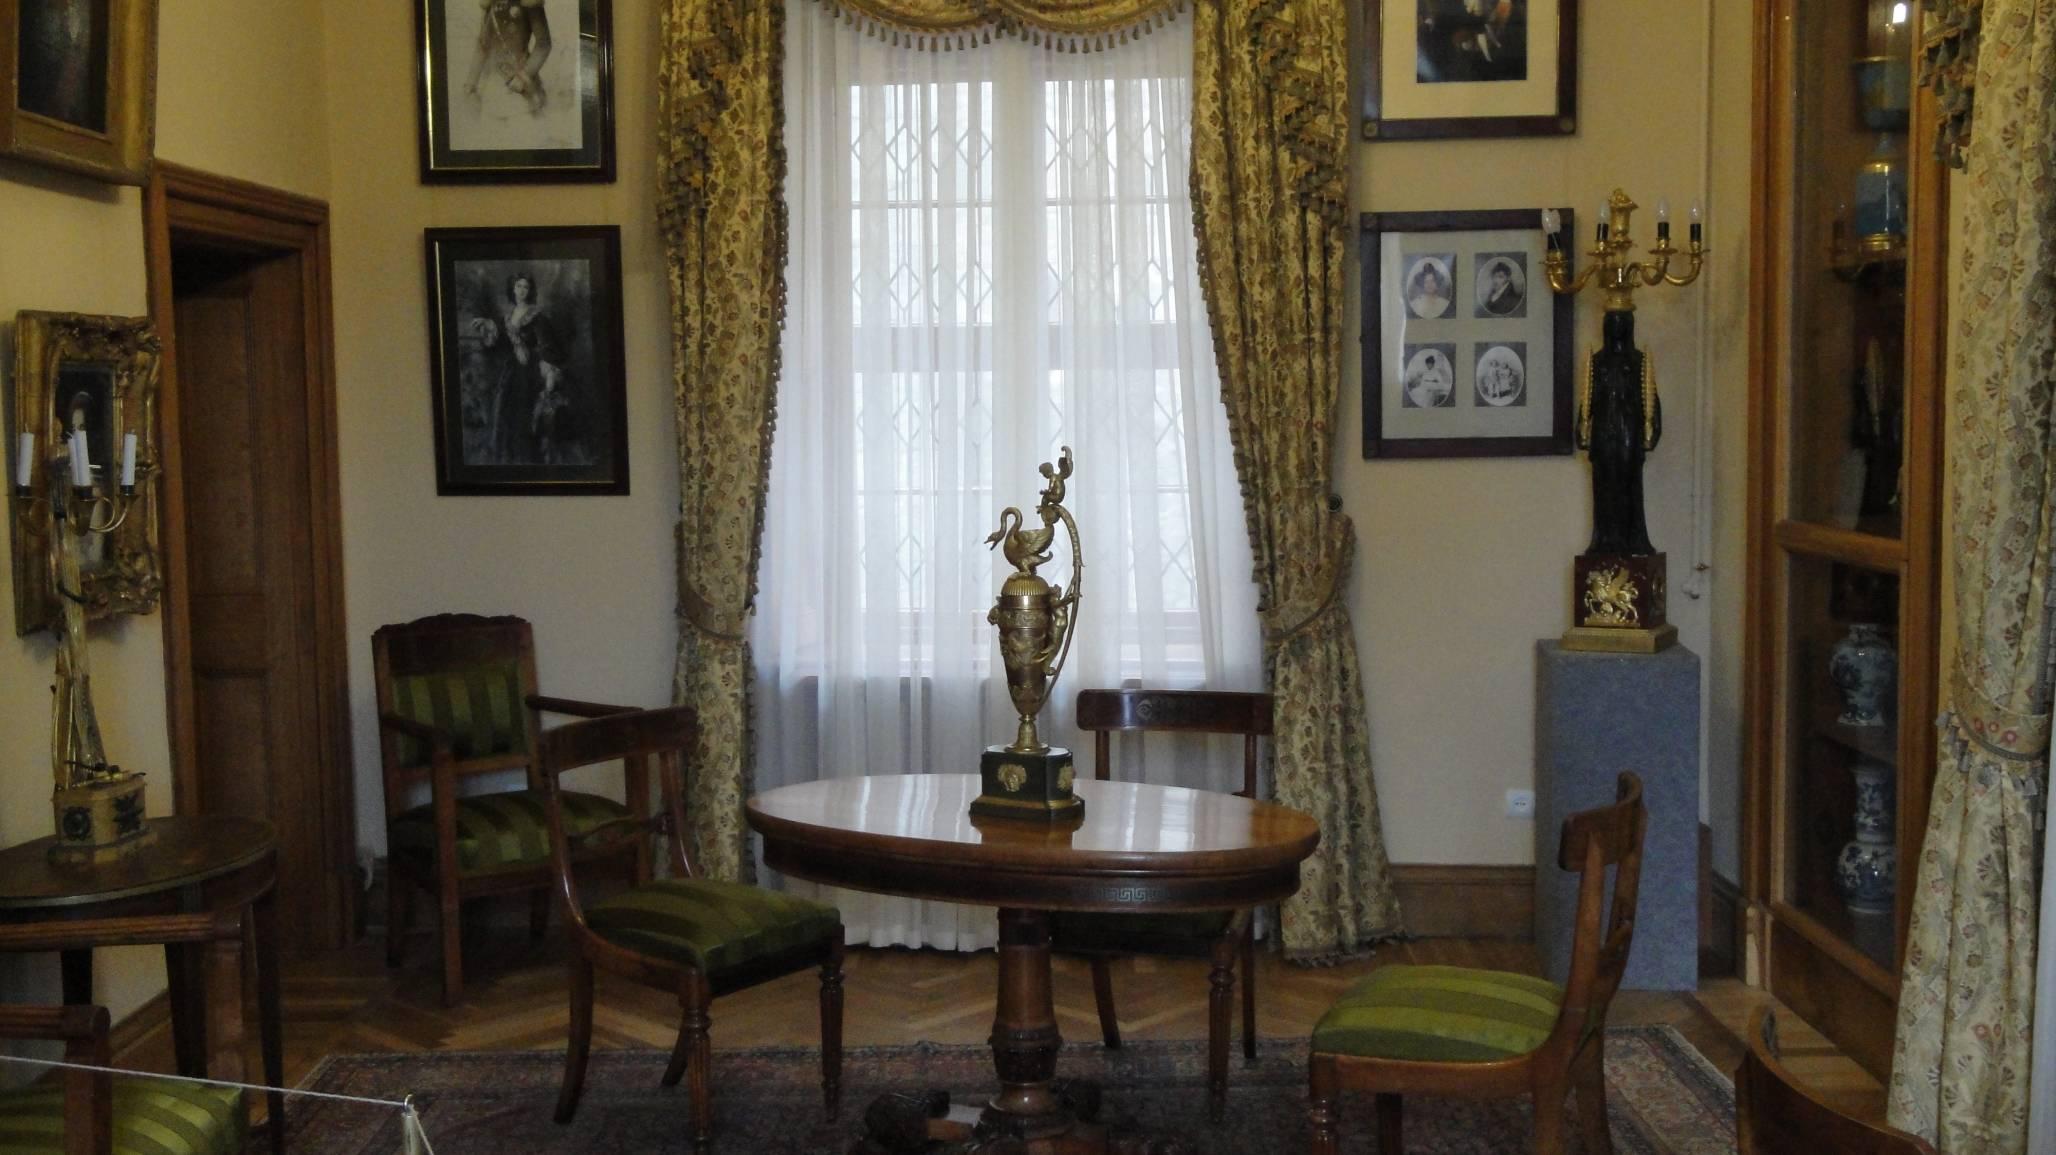 Воронцовский дворец фото внутри 7